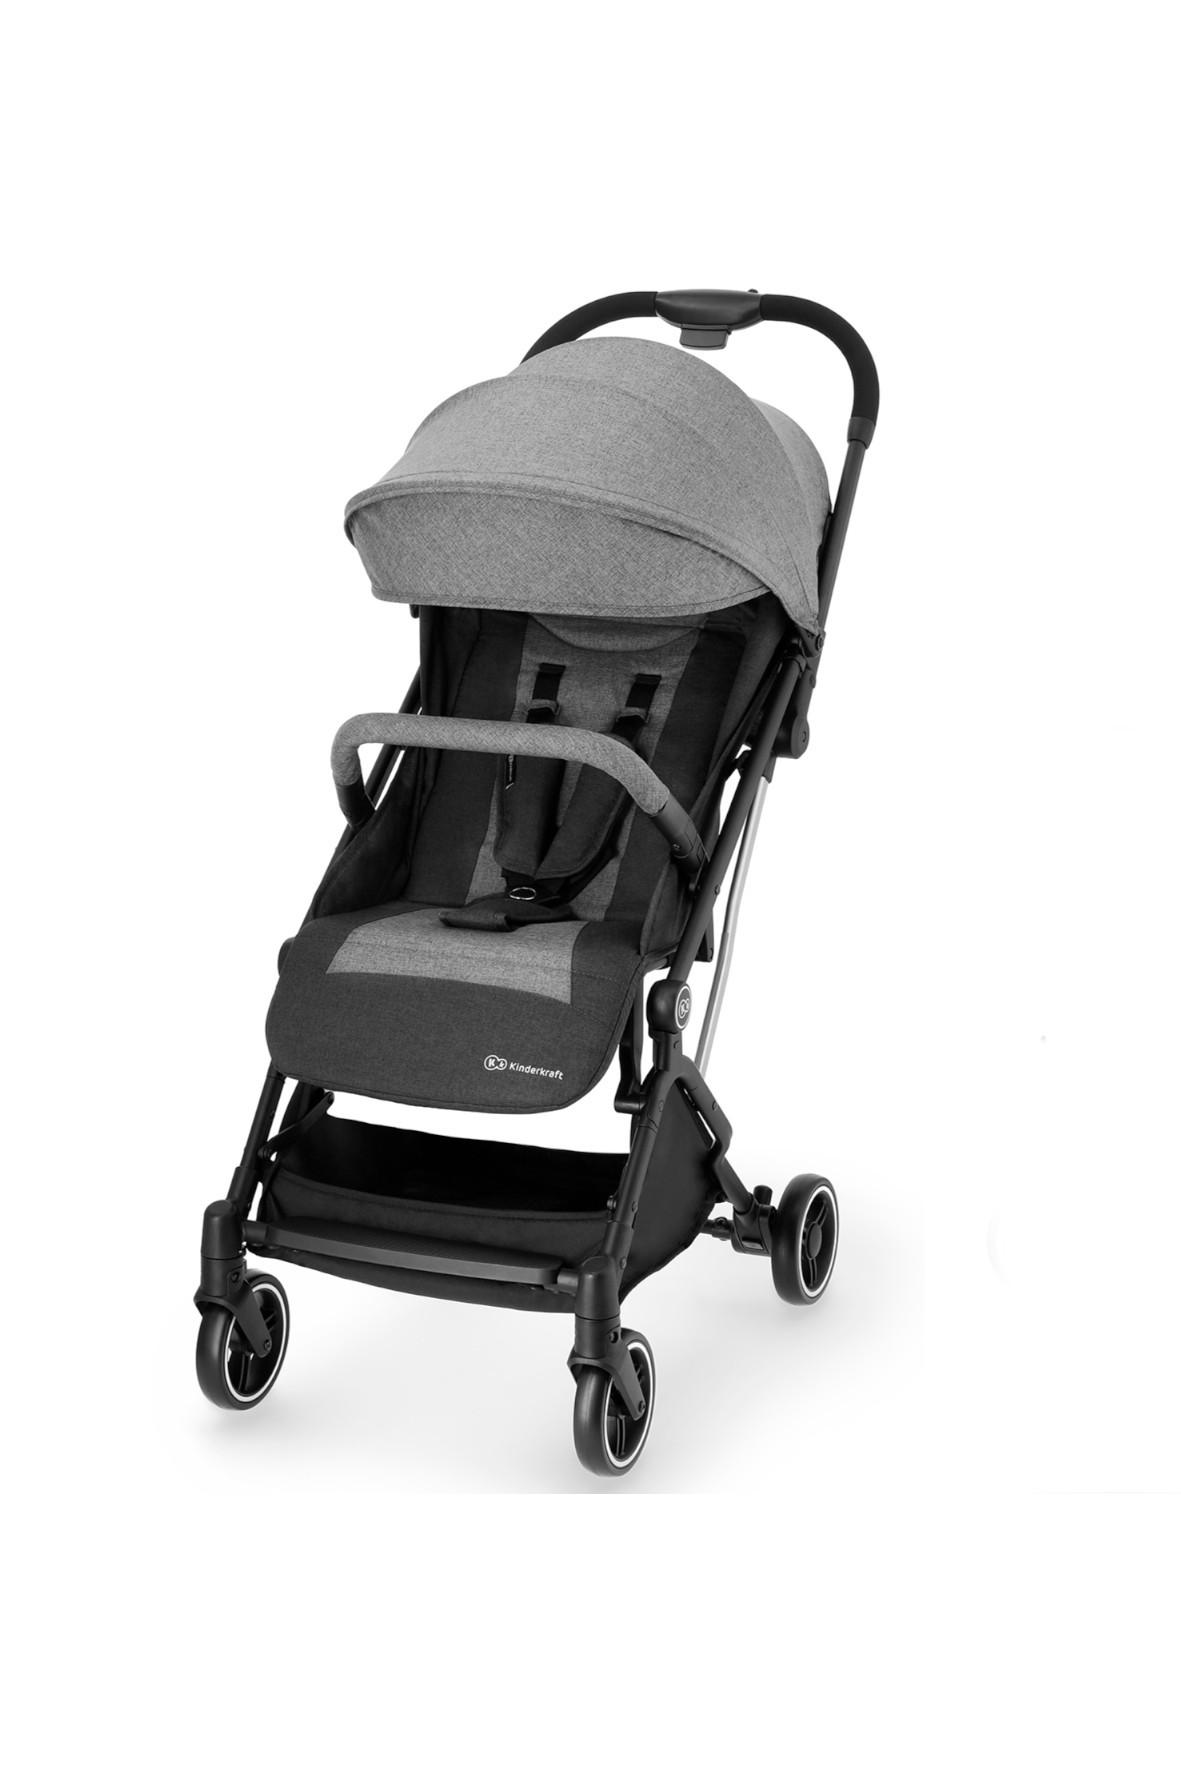 Kinderkraft wózek spacerowy Indy szary do 15kg